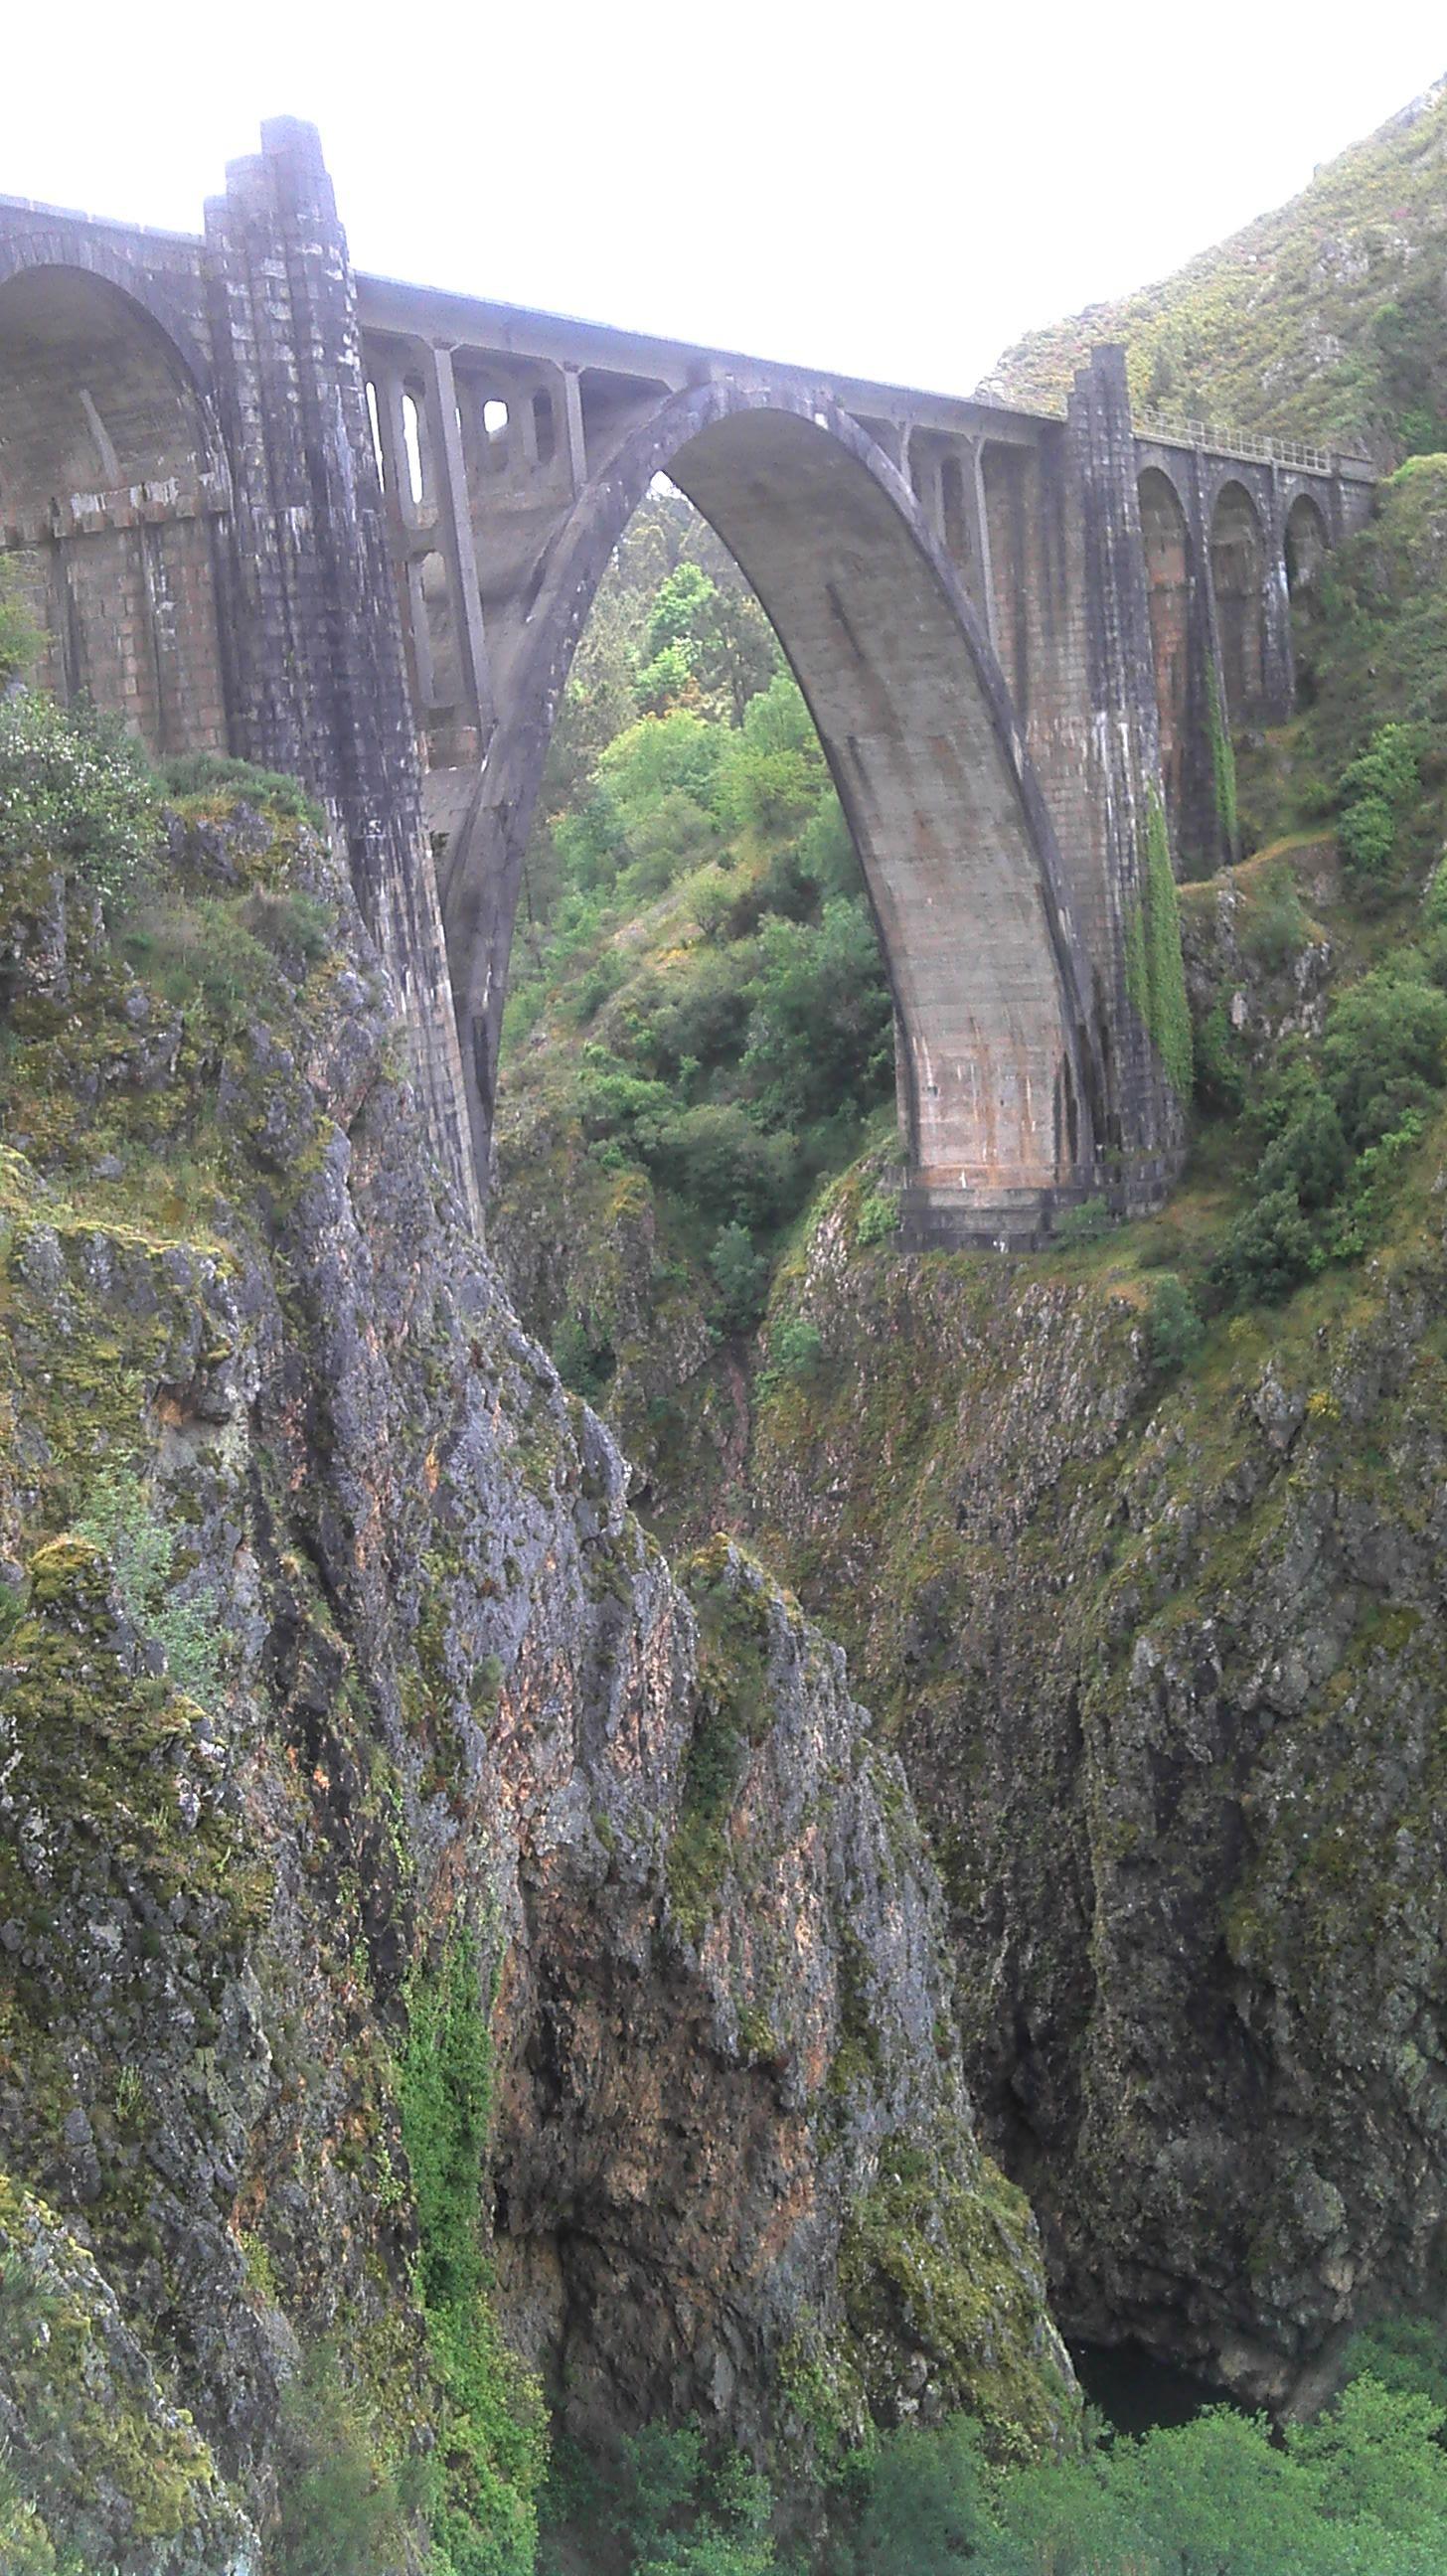 puente antiguo ferrocarril sobre el rio Ulla A coruña